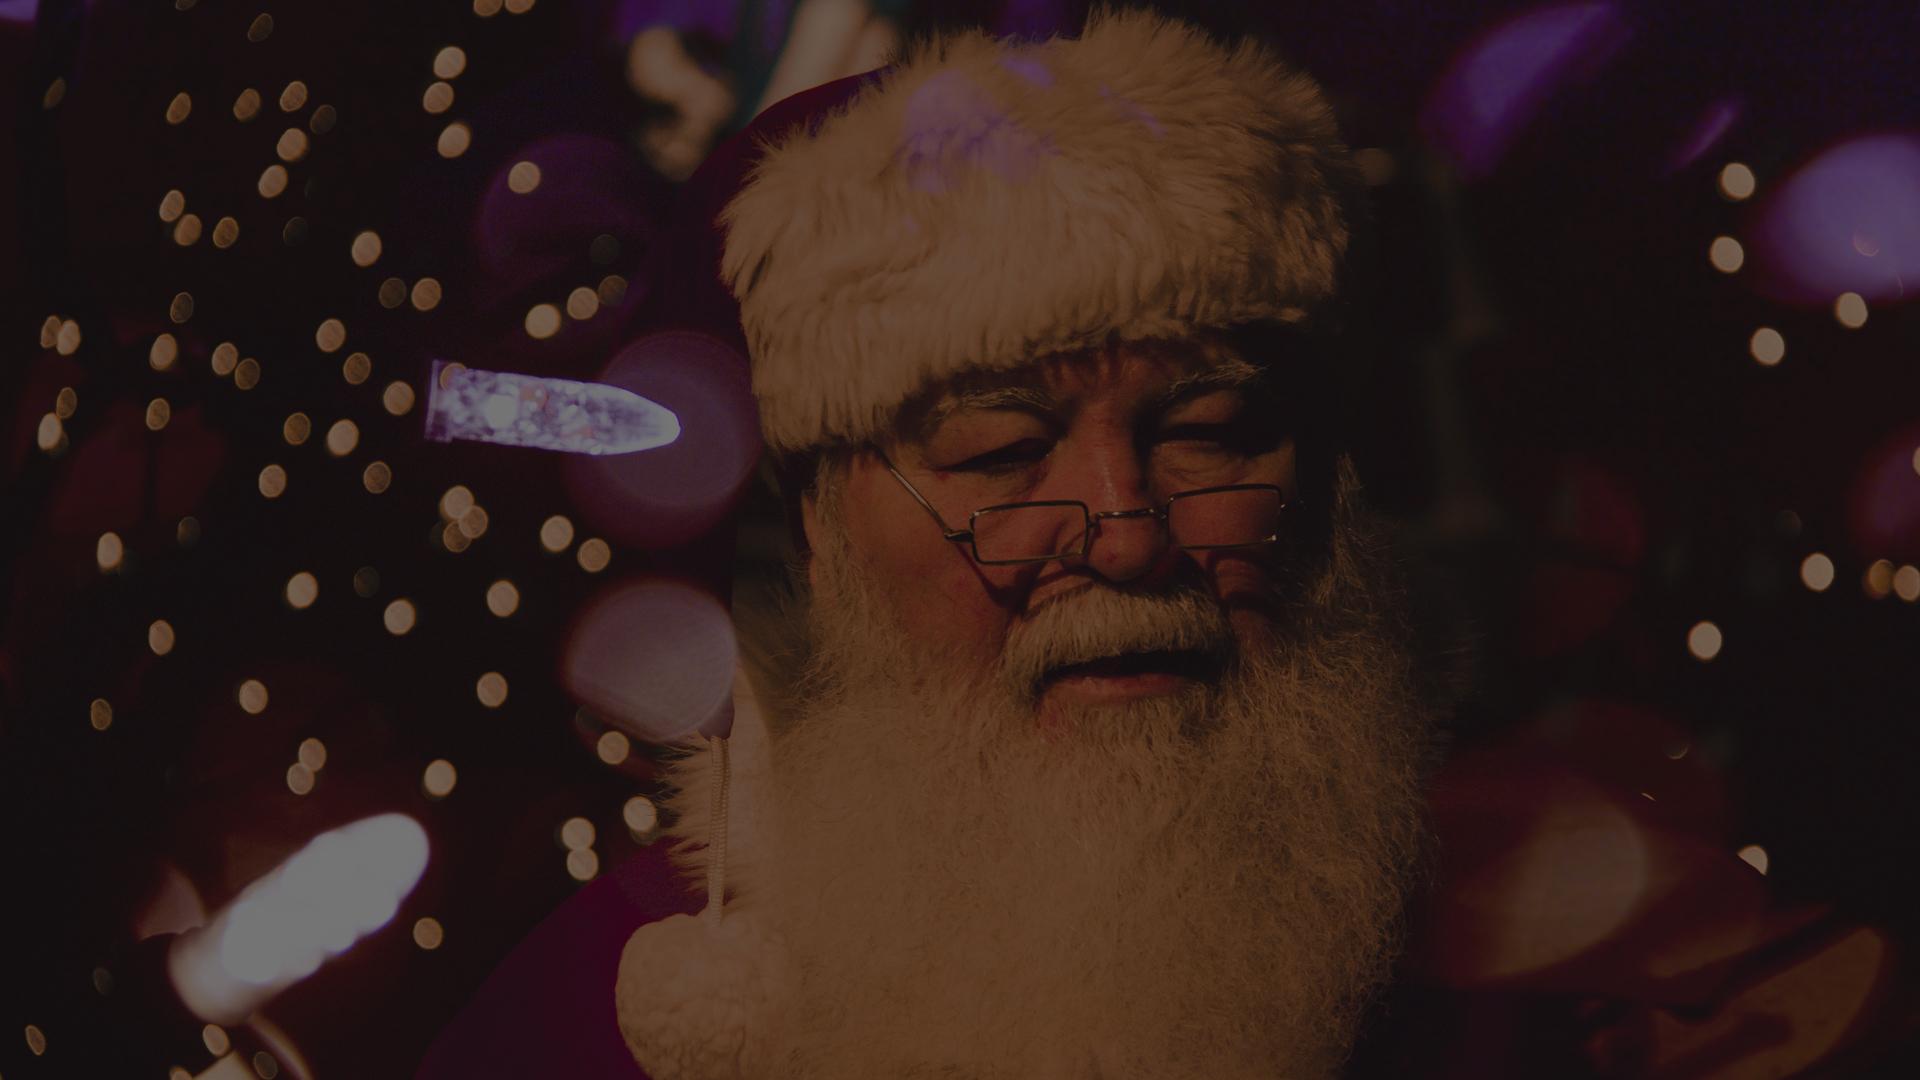 Aún creo en Papá Noel, y en Dios también